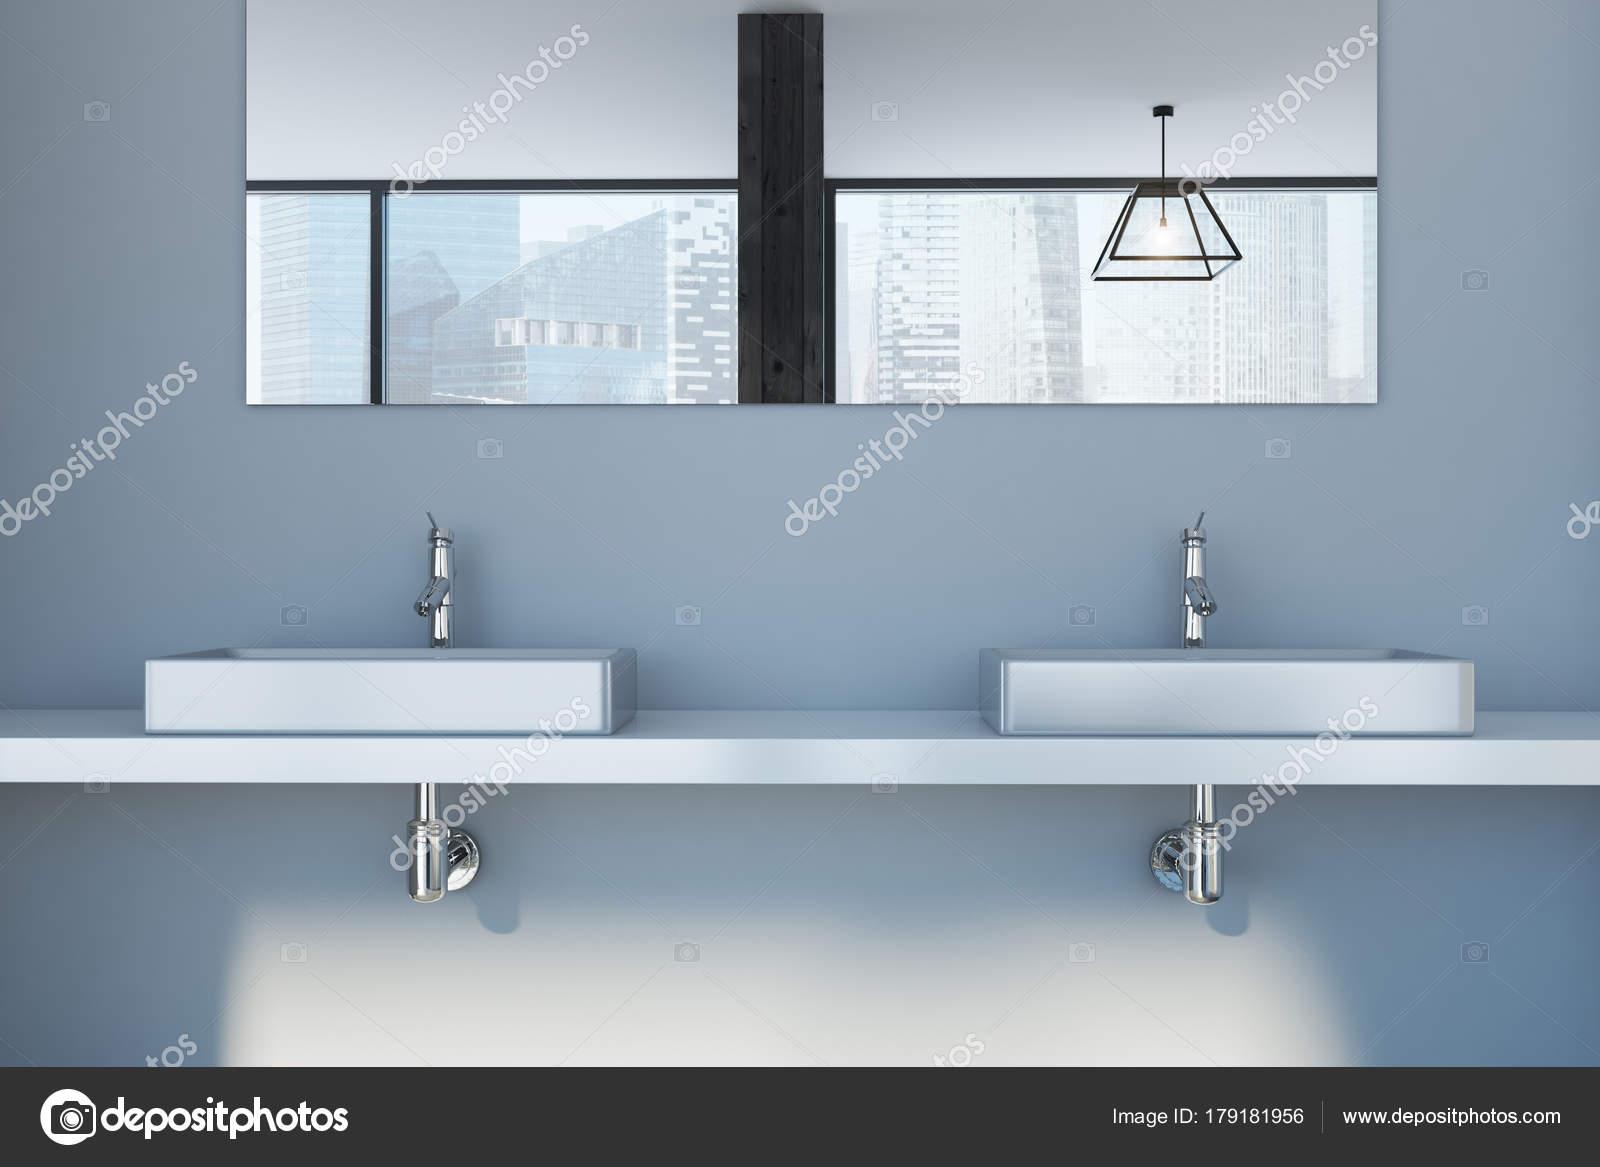 Lavello Bagno Doppio : Parete grigia bagno doppio lavabo chiuda u foto stock